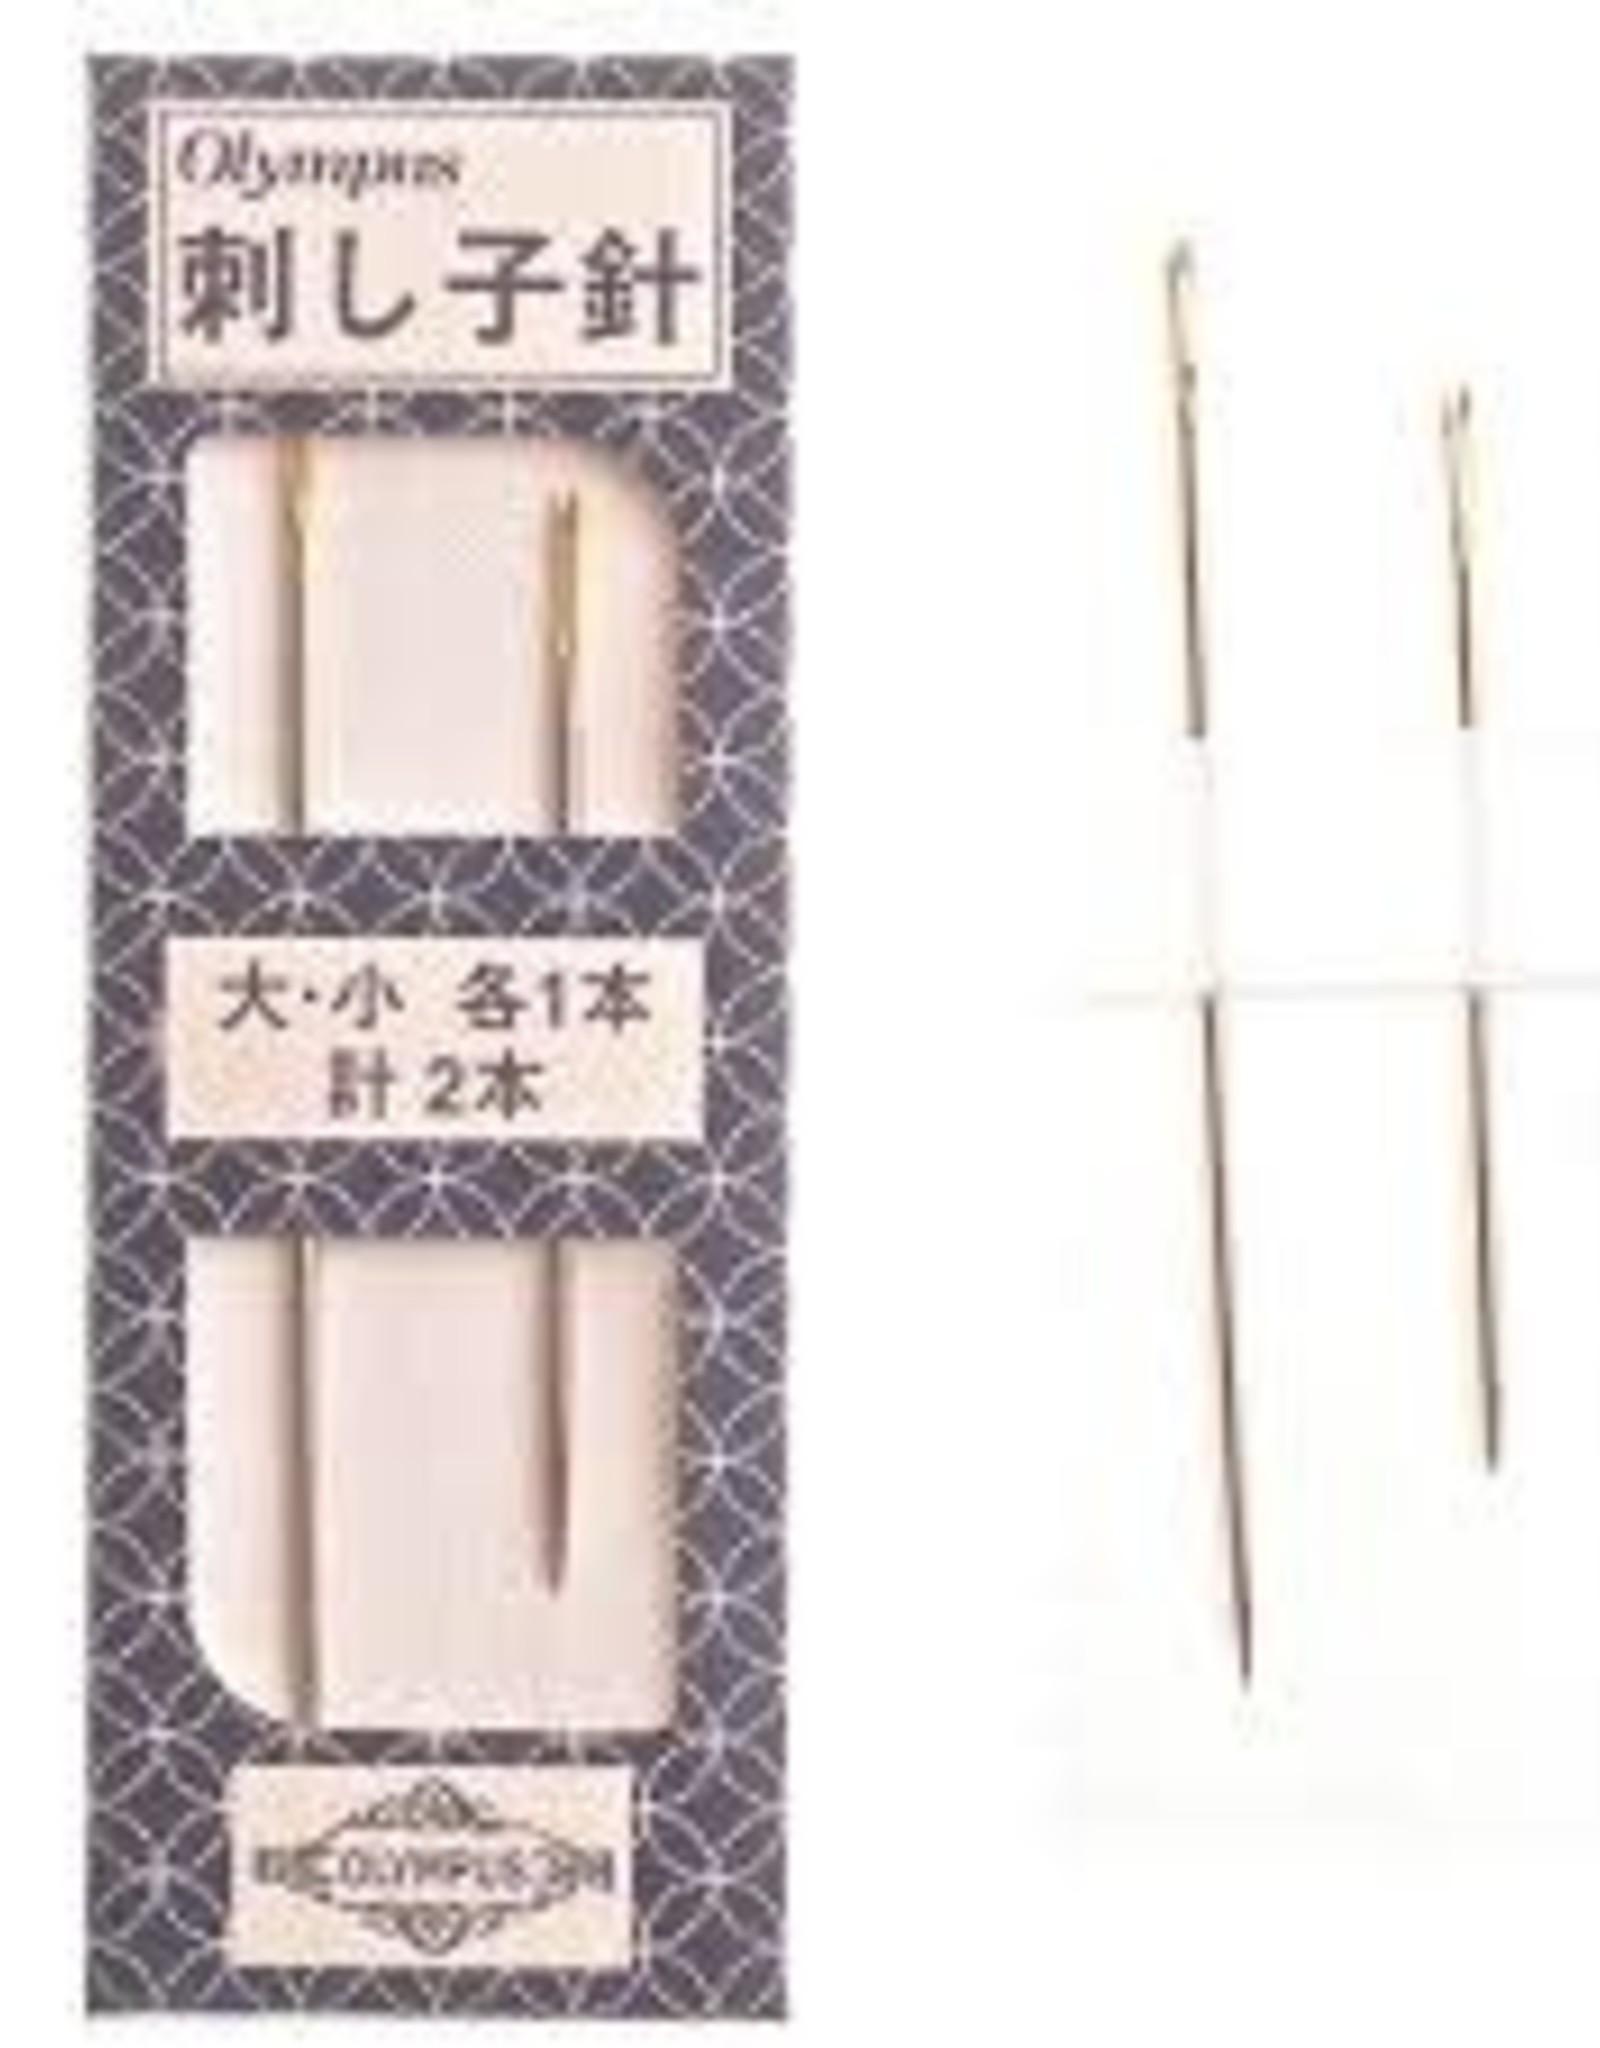 Sashiko Needles